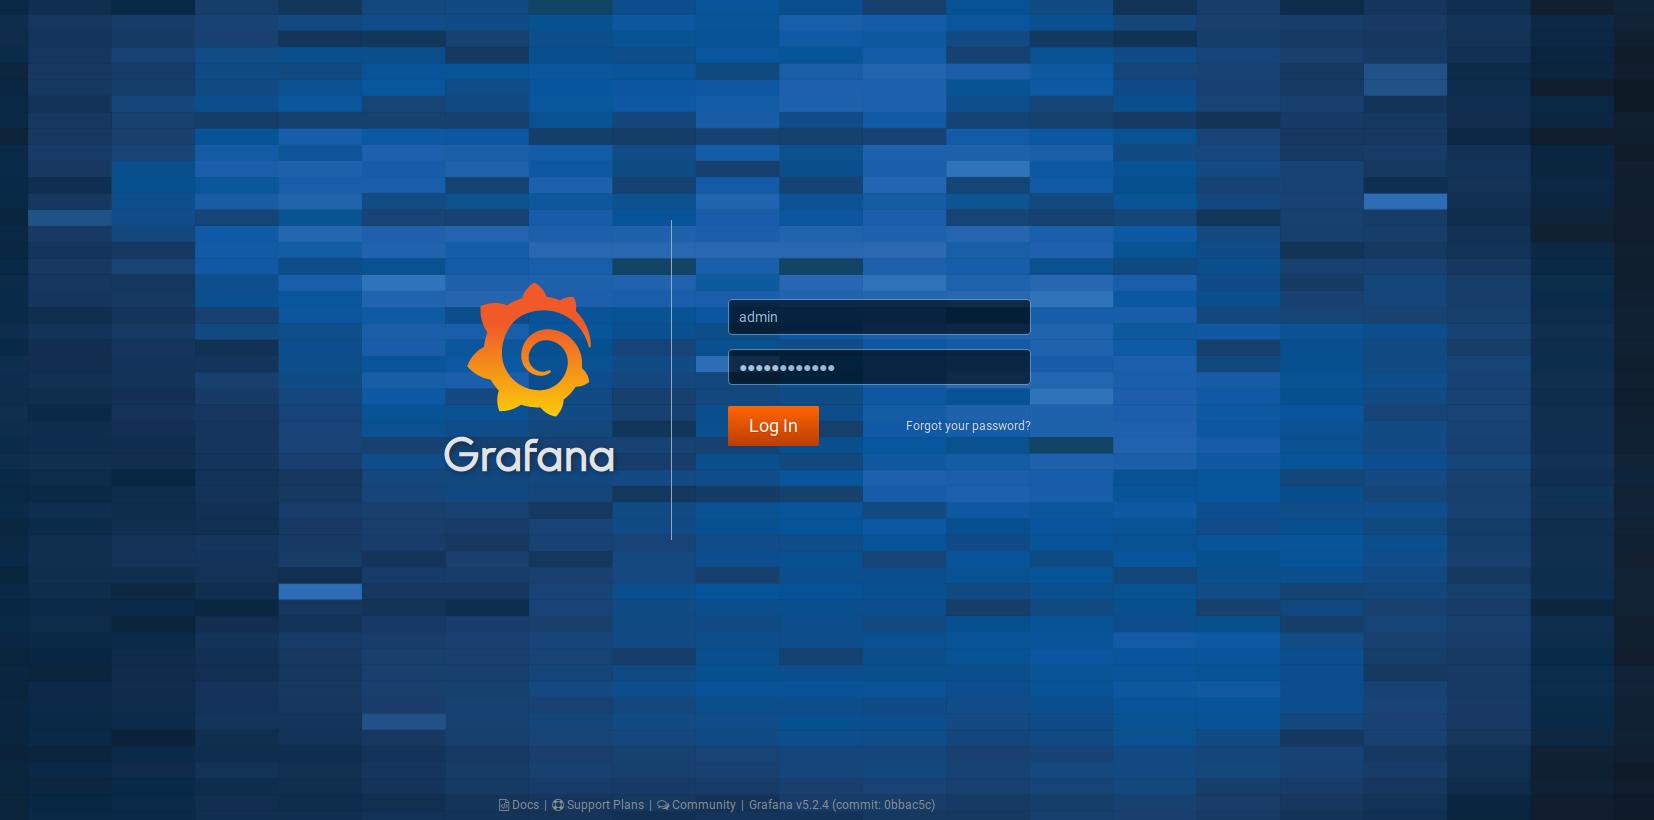 Access Grafana